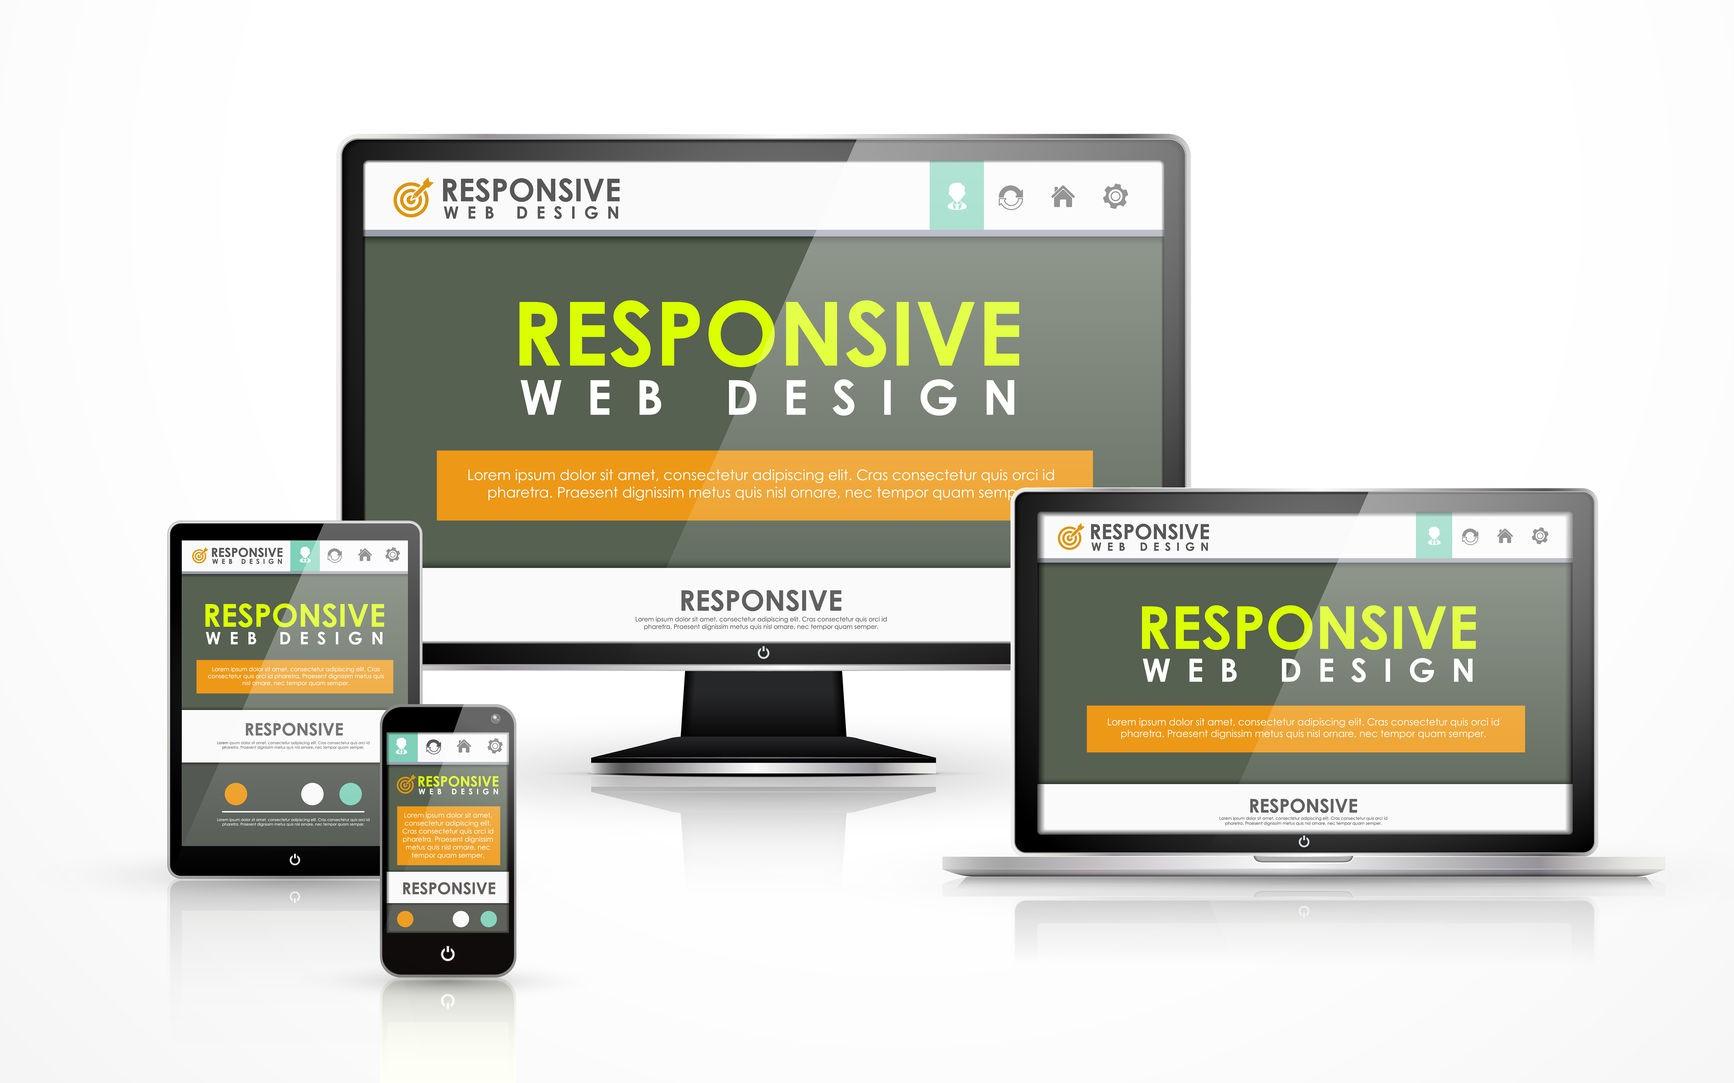 Sito web: il design deve essere responsive